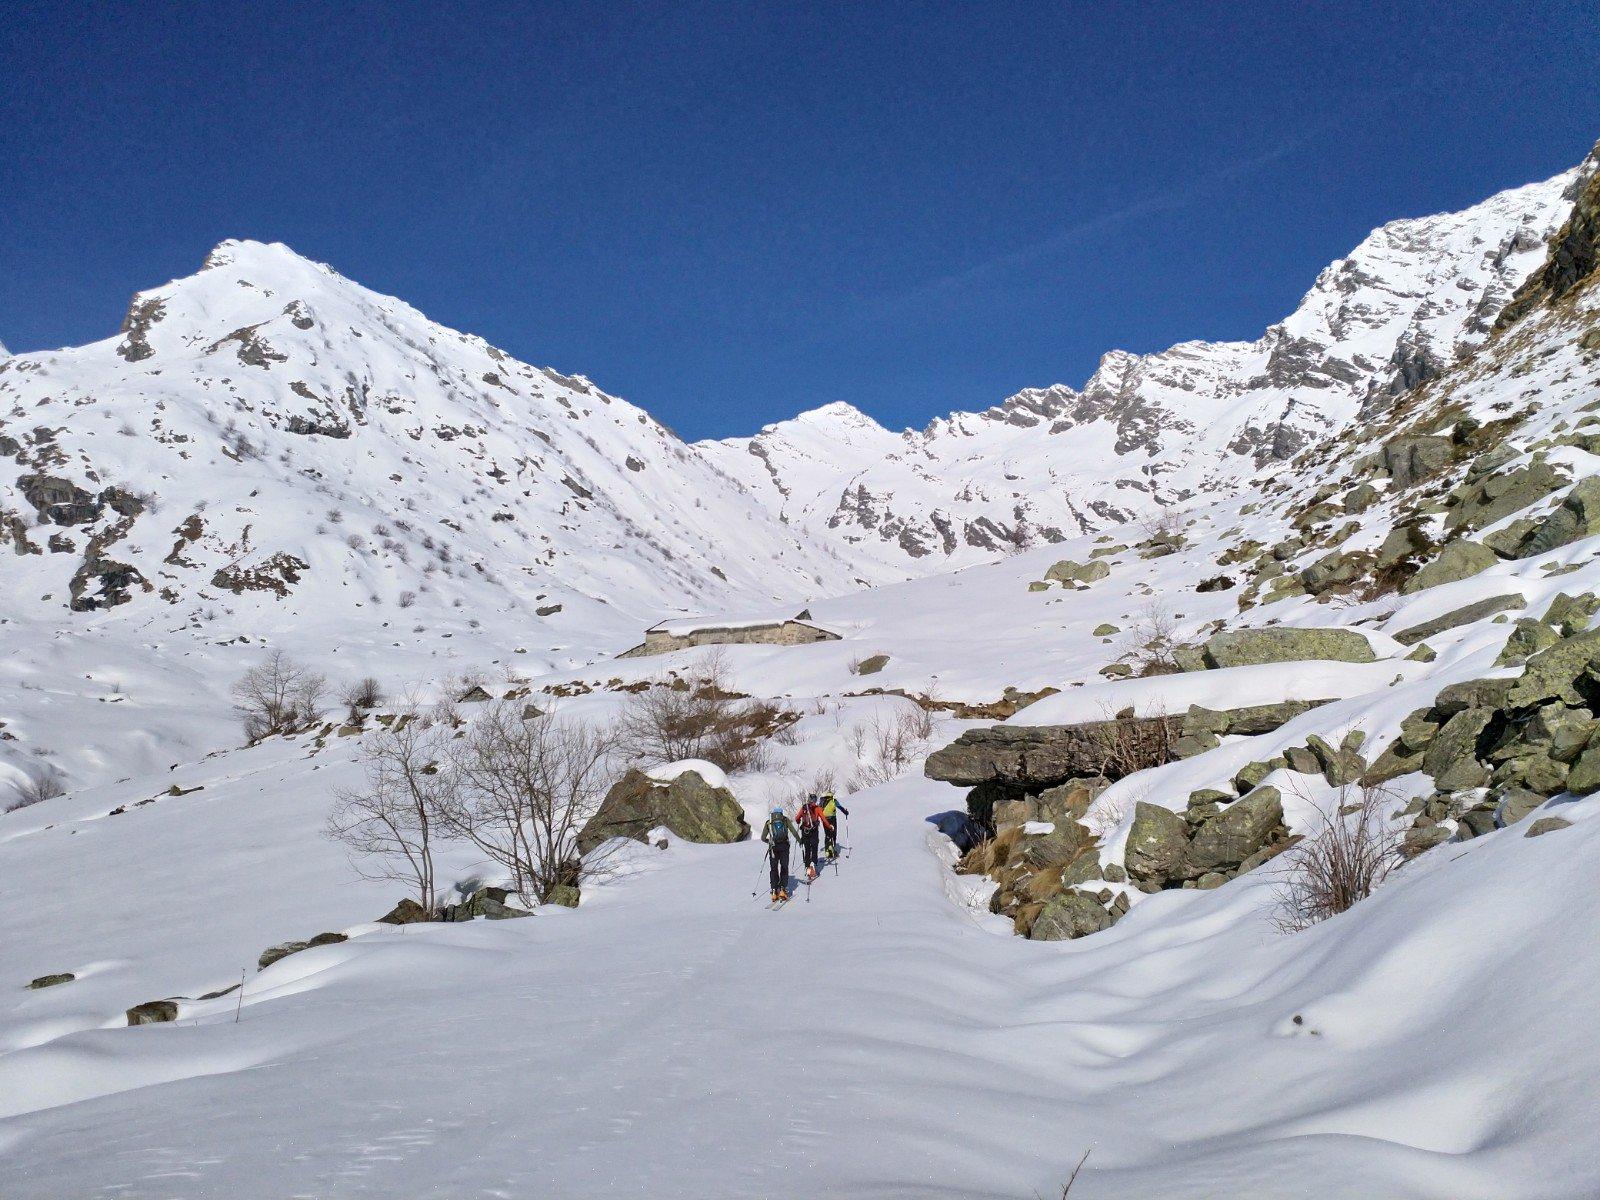 Ben visibile la cima, il c. degli orti e l'itinerario di salita con la rampa che adduce al vallone superiore.